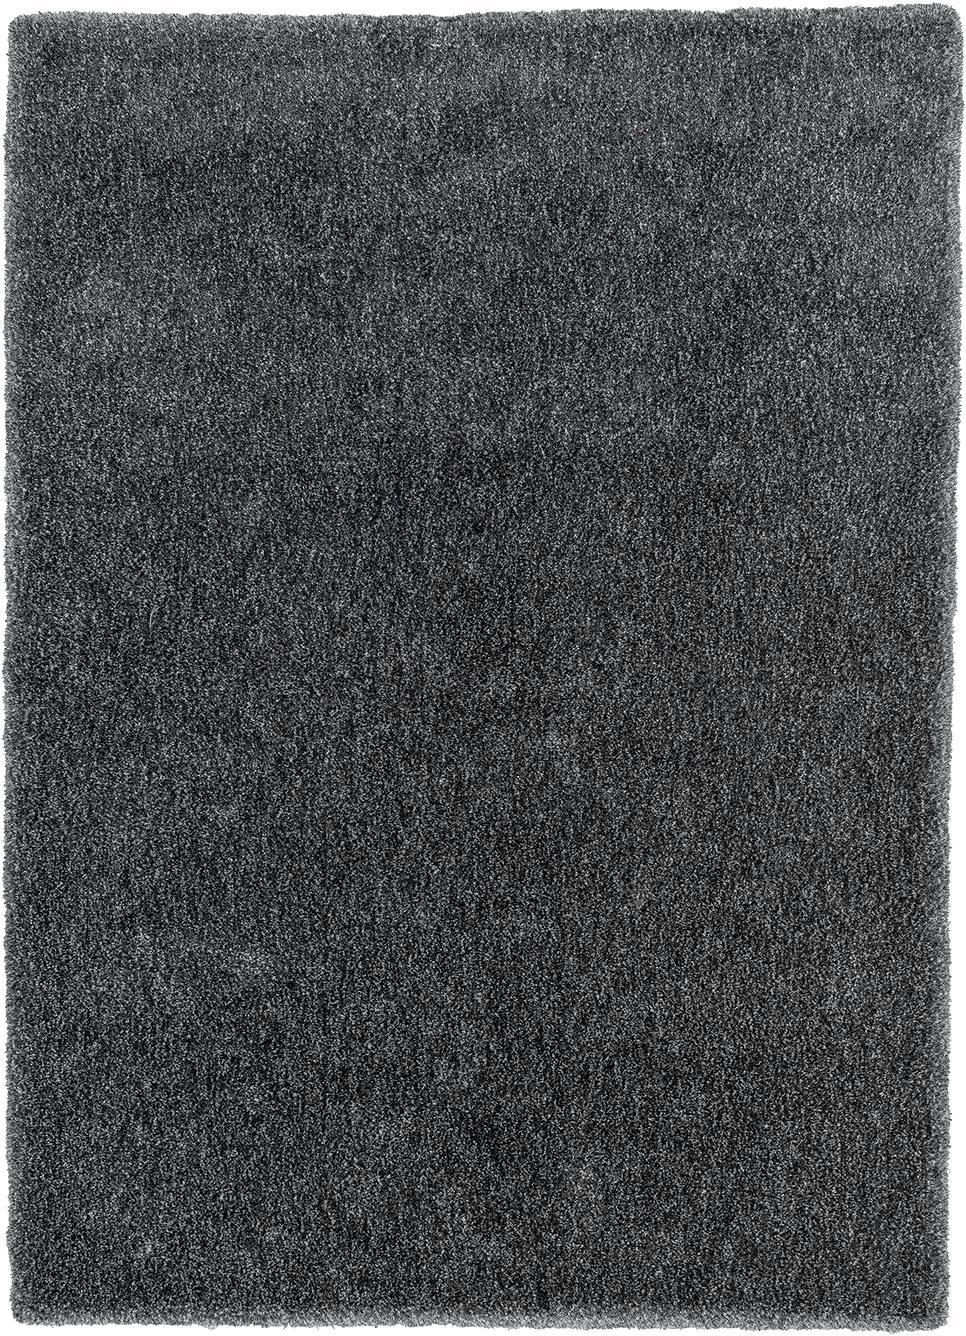 Full Size of Teppich Joop New Curly Grau Croco Soft Taupe Kaufen Graphic Bl Cm Sale Joaonetoco Wohnzimmer Teppiche Badezimmer Betten Bad Schlafzimmer Für Küche Wohnzimmer Teppich Joop